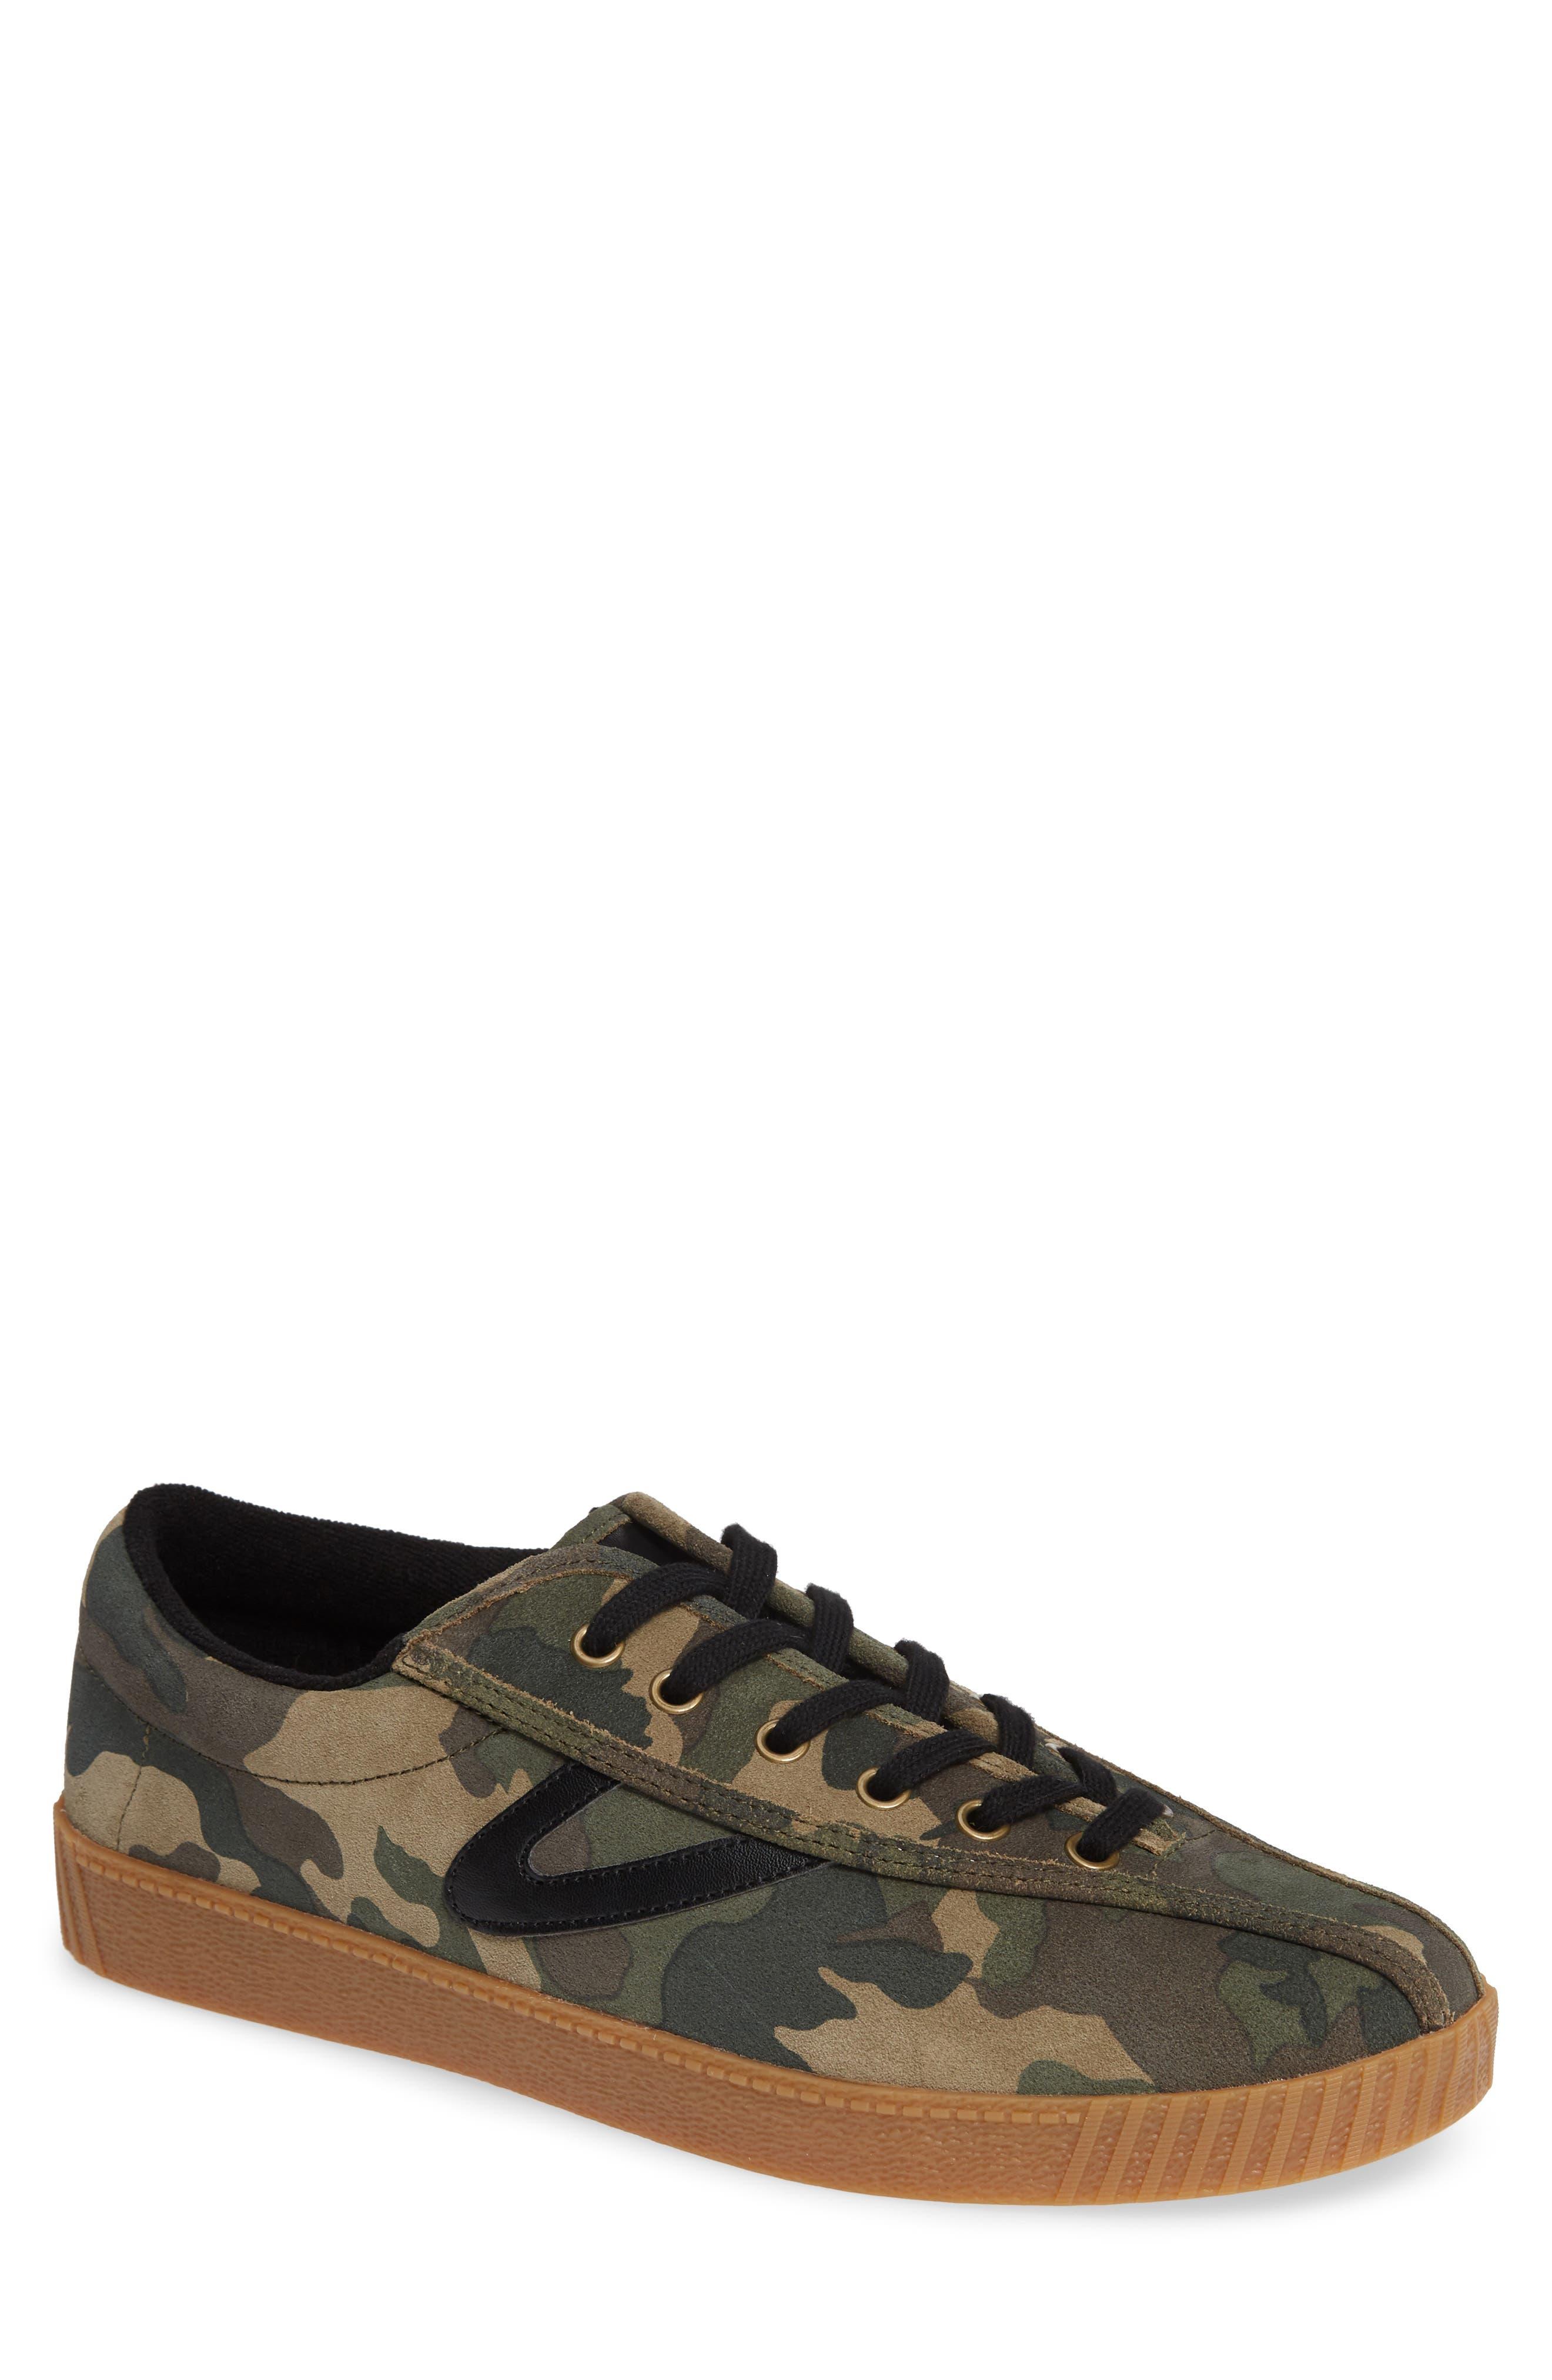 TRETORN Men'S Nylite 26 Plus Suede Sneakers in Green